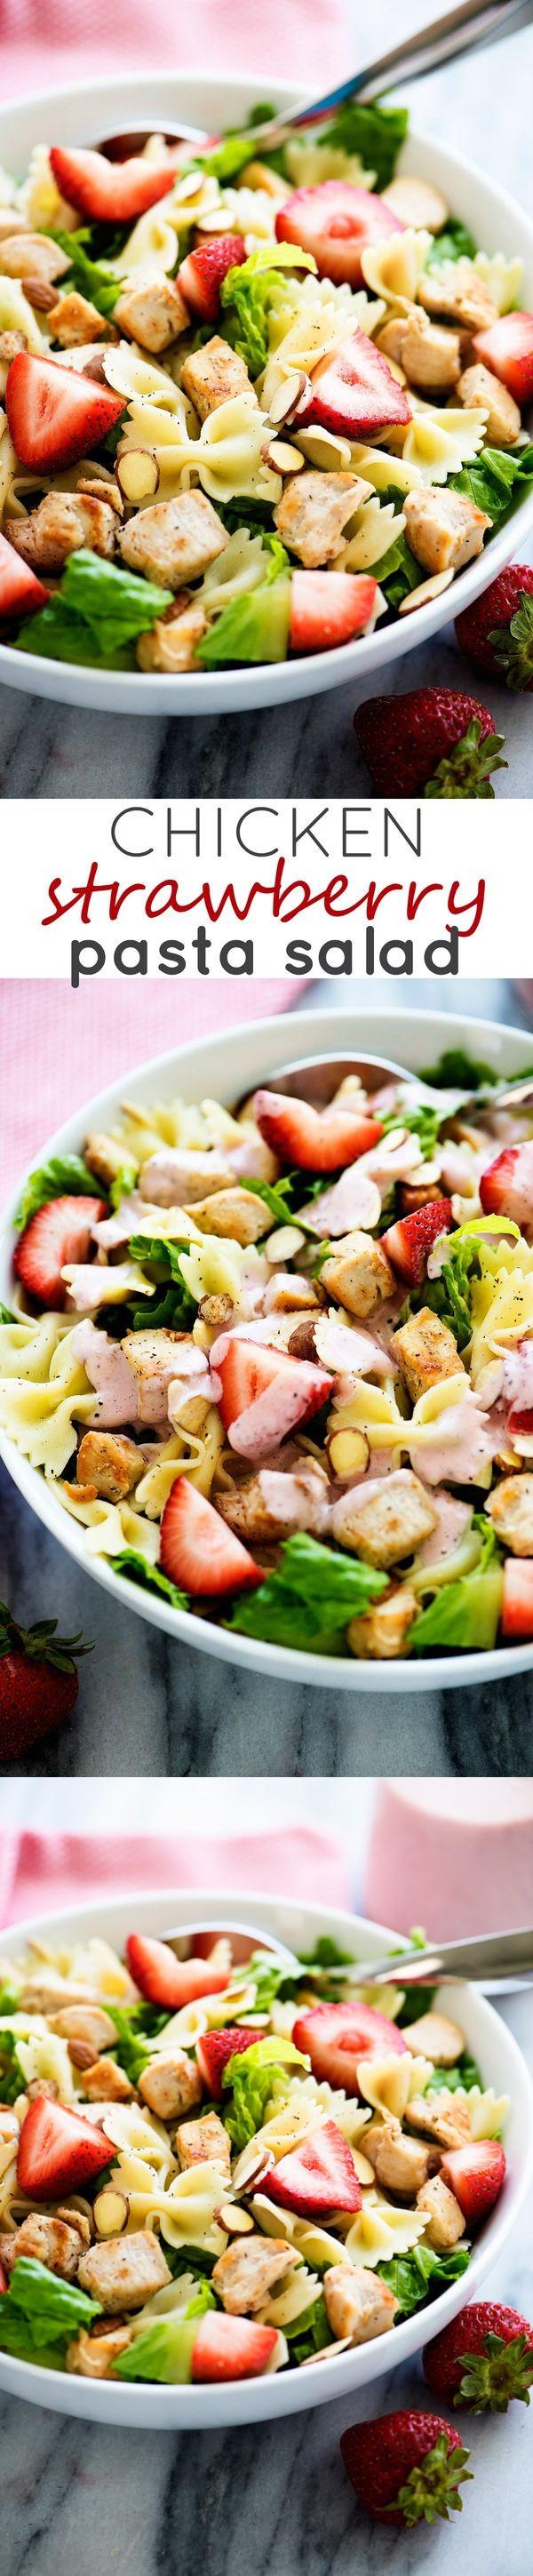 Chicken Strawberry Pasta Salad